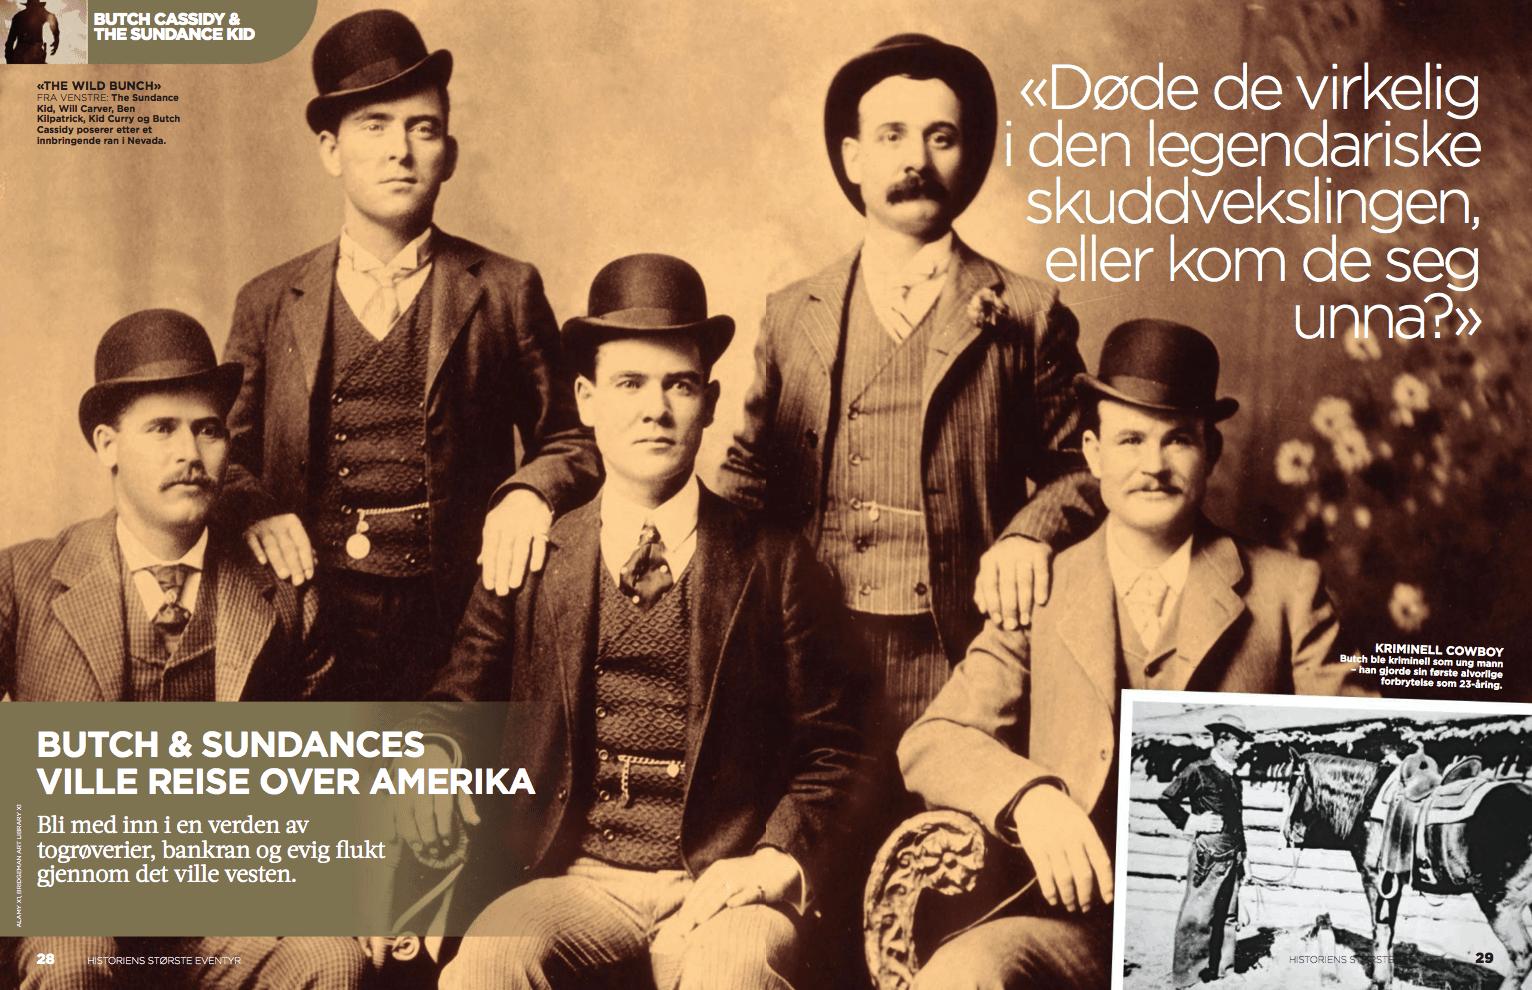 Butch & Sundances ville reise, oppslag